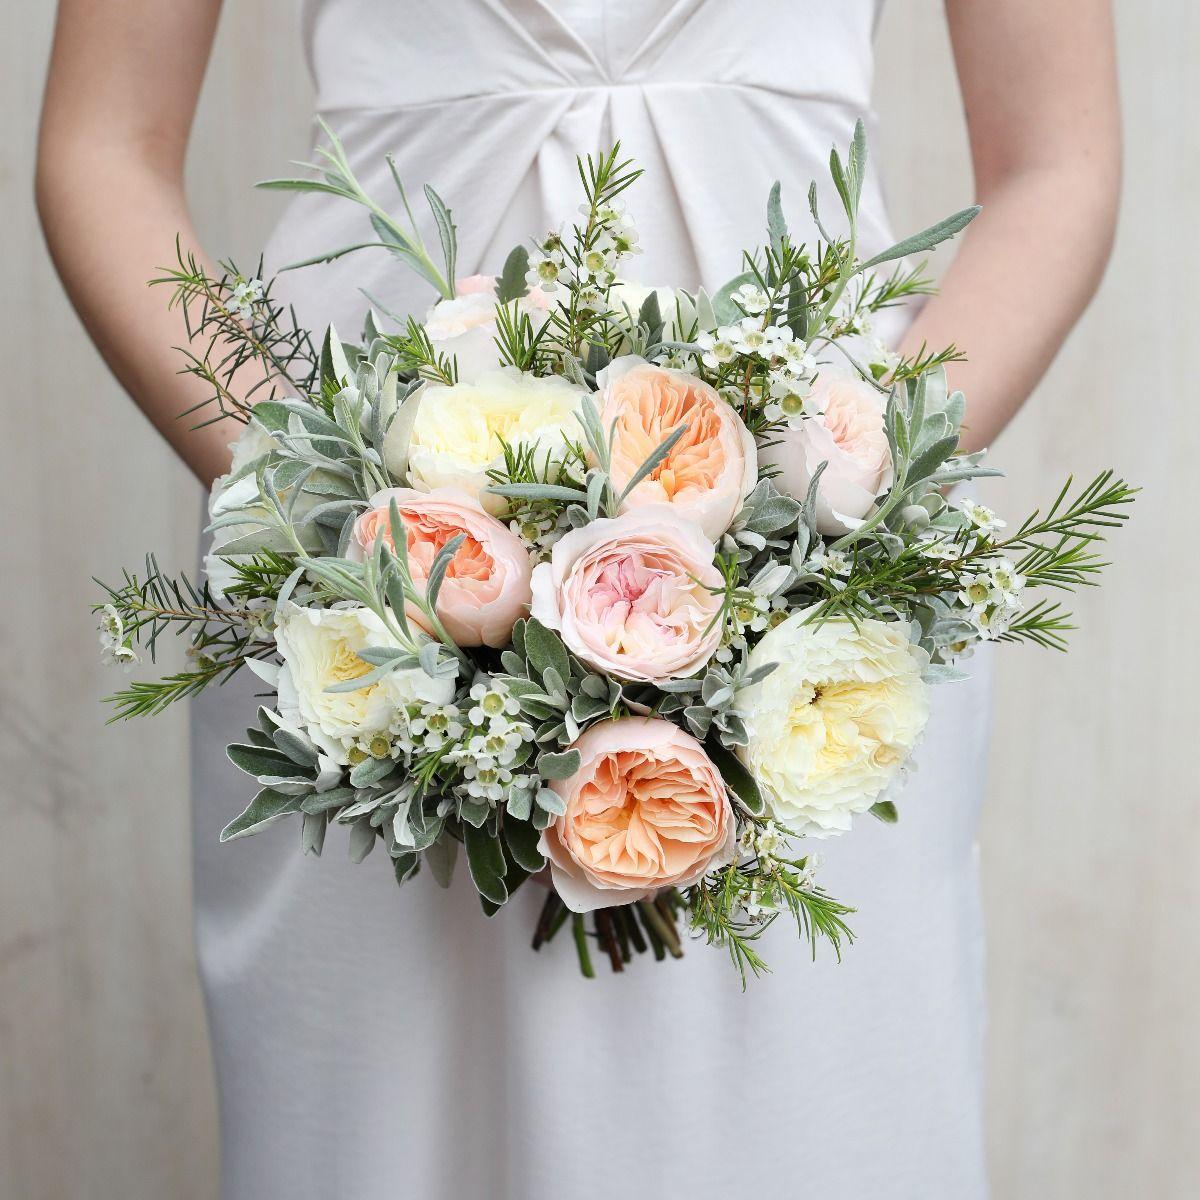 david austin bridal knot bouquet